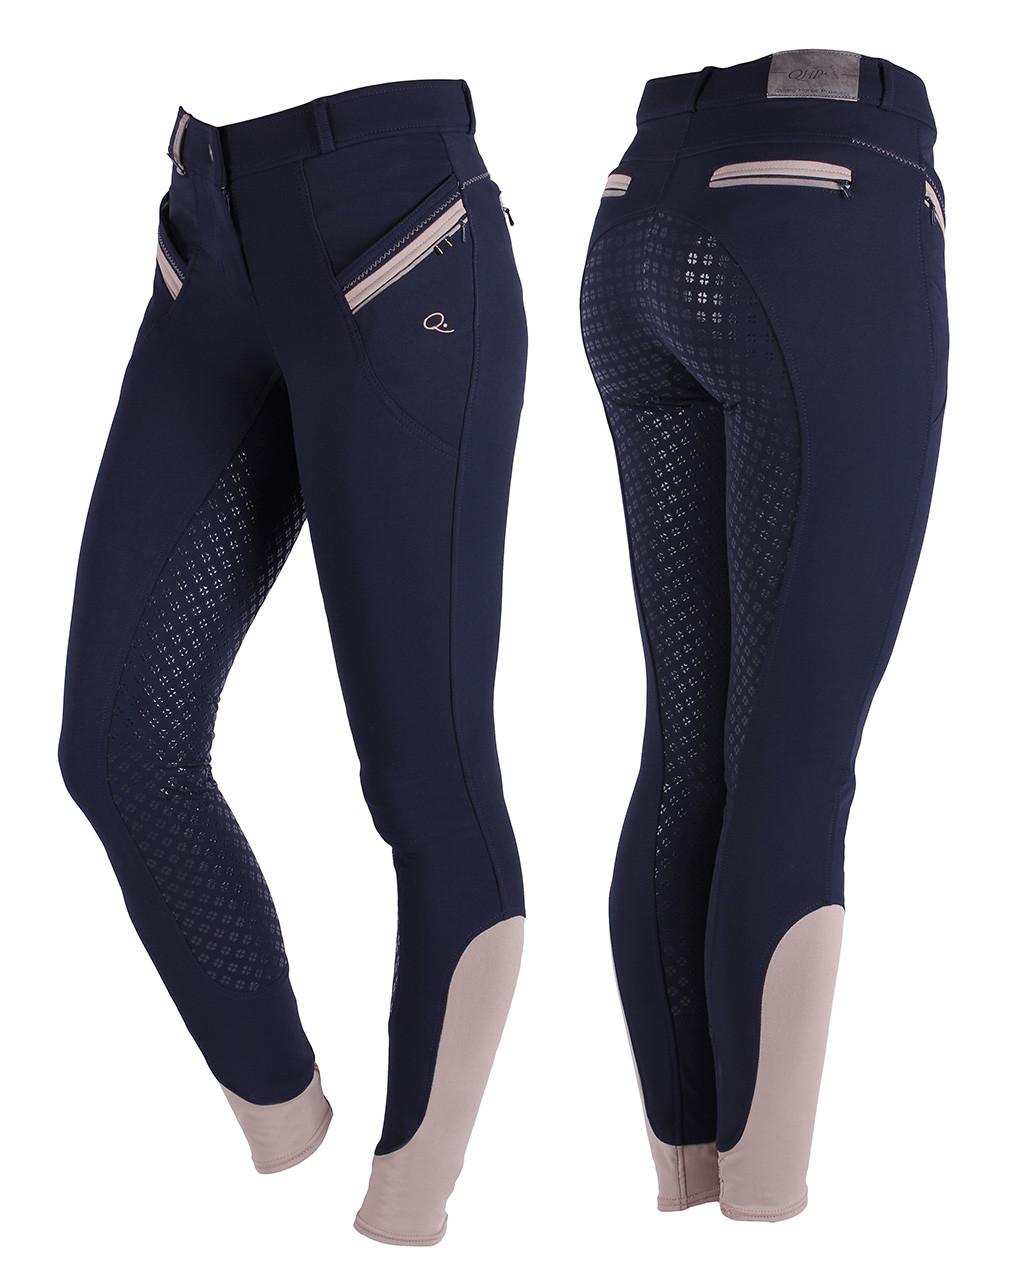 QHP Rijbroek Bliss anti-slip zitvlak donkerblauw maat:40